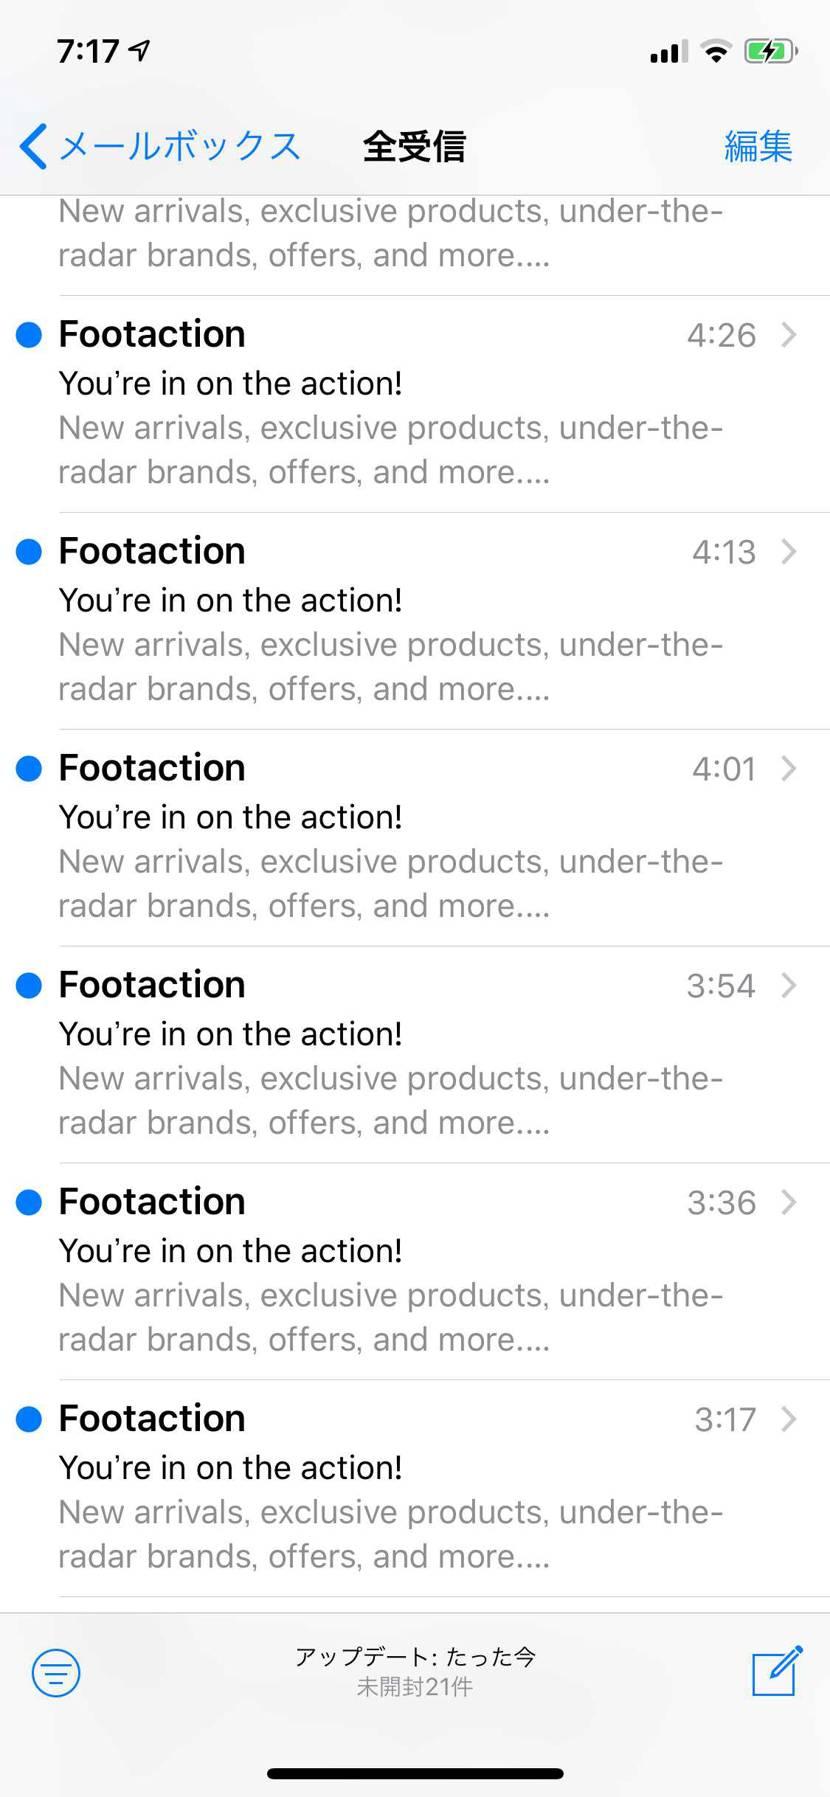 ざーす!  Footaction から、夜中の3時よりアホみたいにメール来て